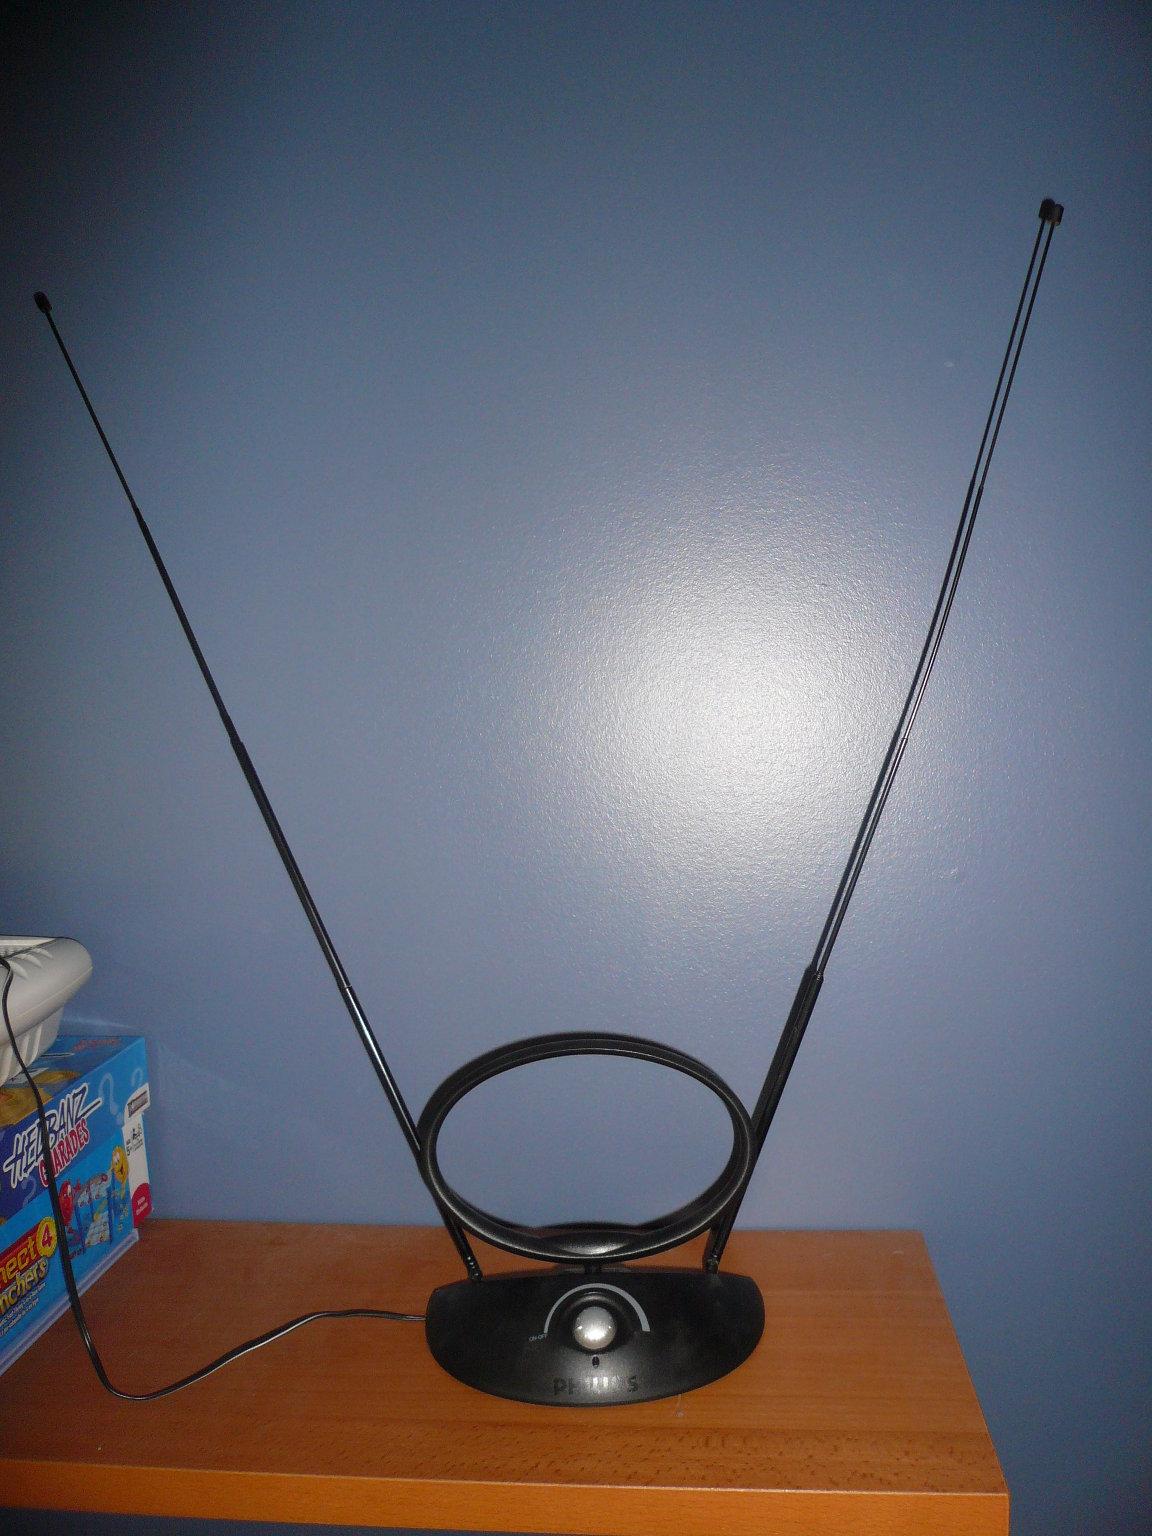 lectronique en amateur fabrication d 39 une antenne de t l. Black Bedroom Furniture Sets. Home Design Ideas